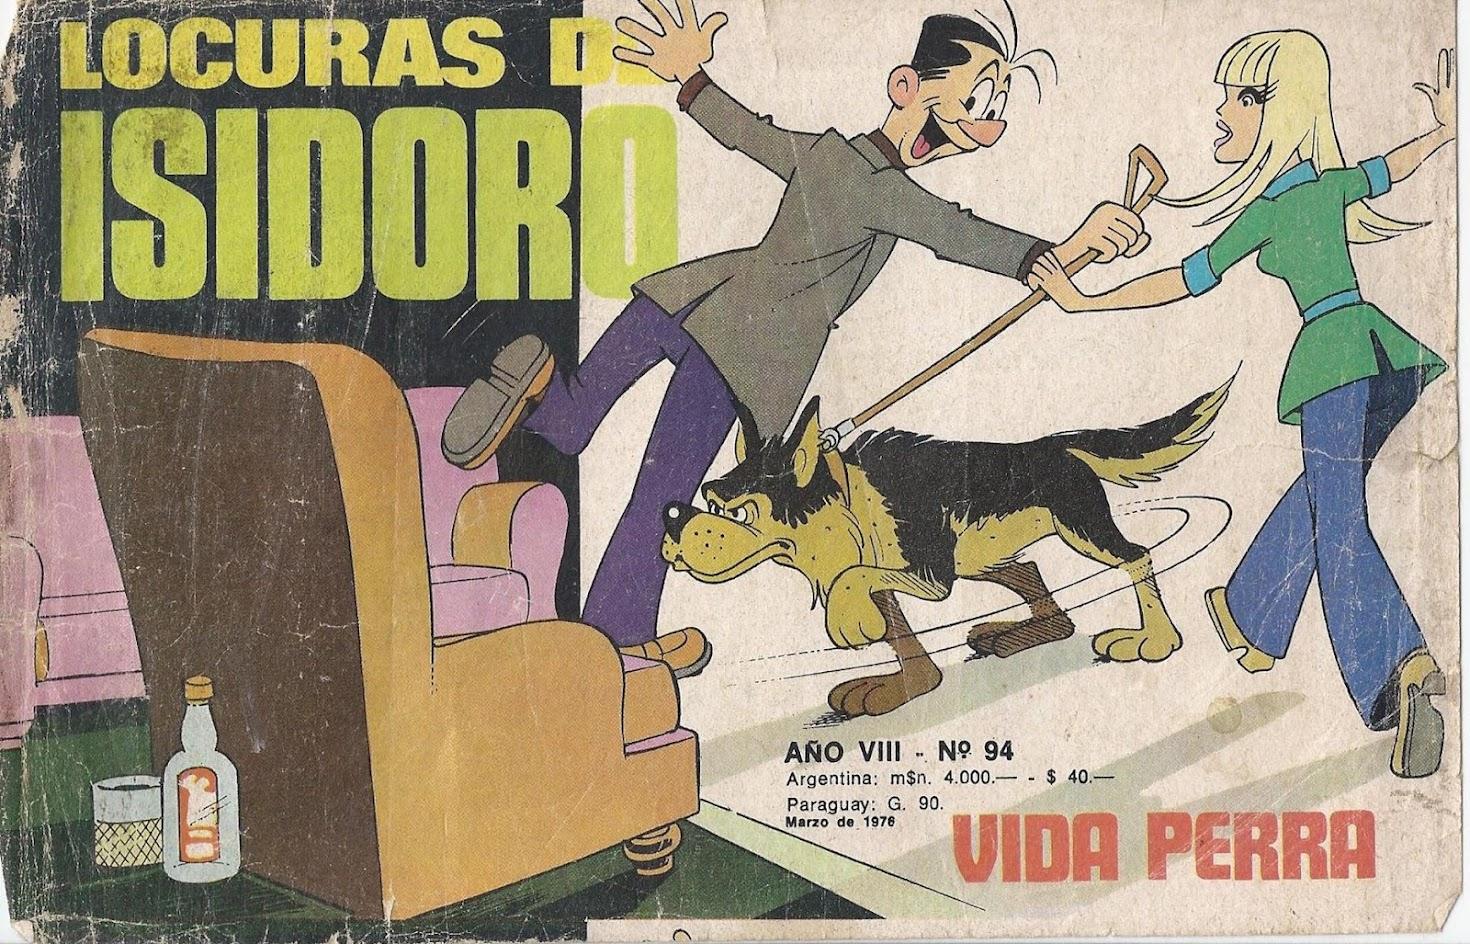 LOCURAS DE ISIDORO. VIDA DE PERRO